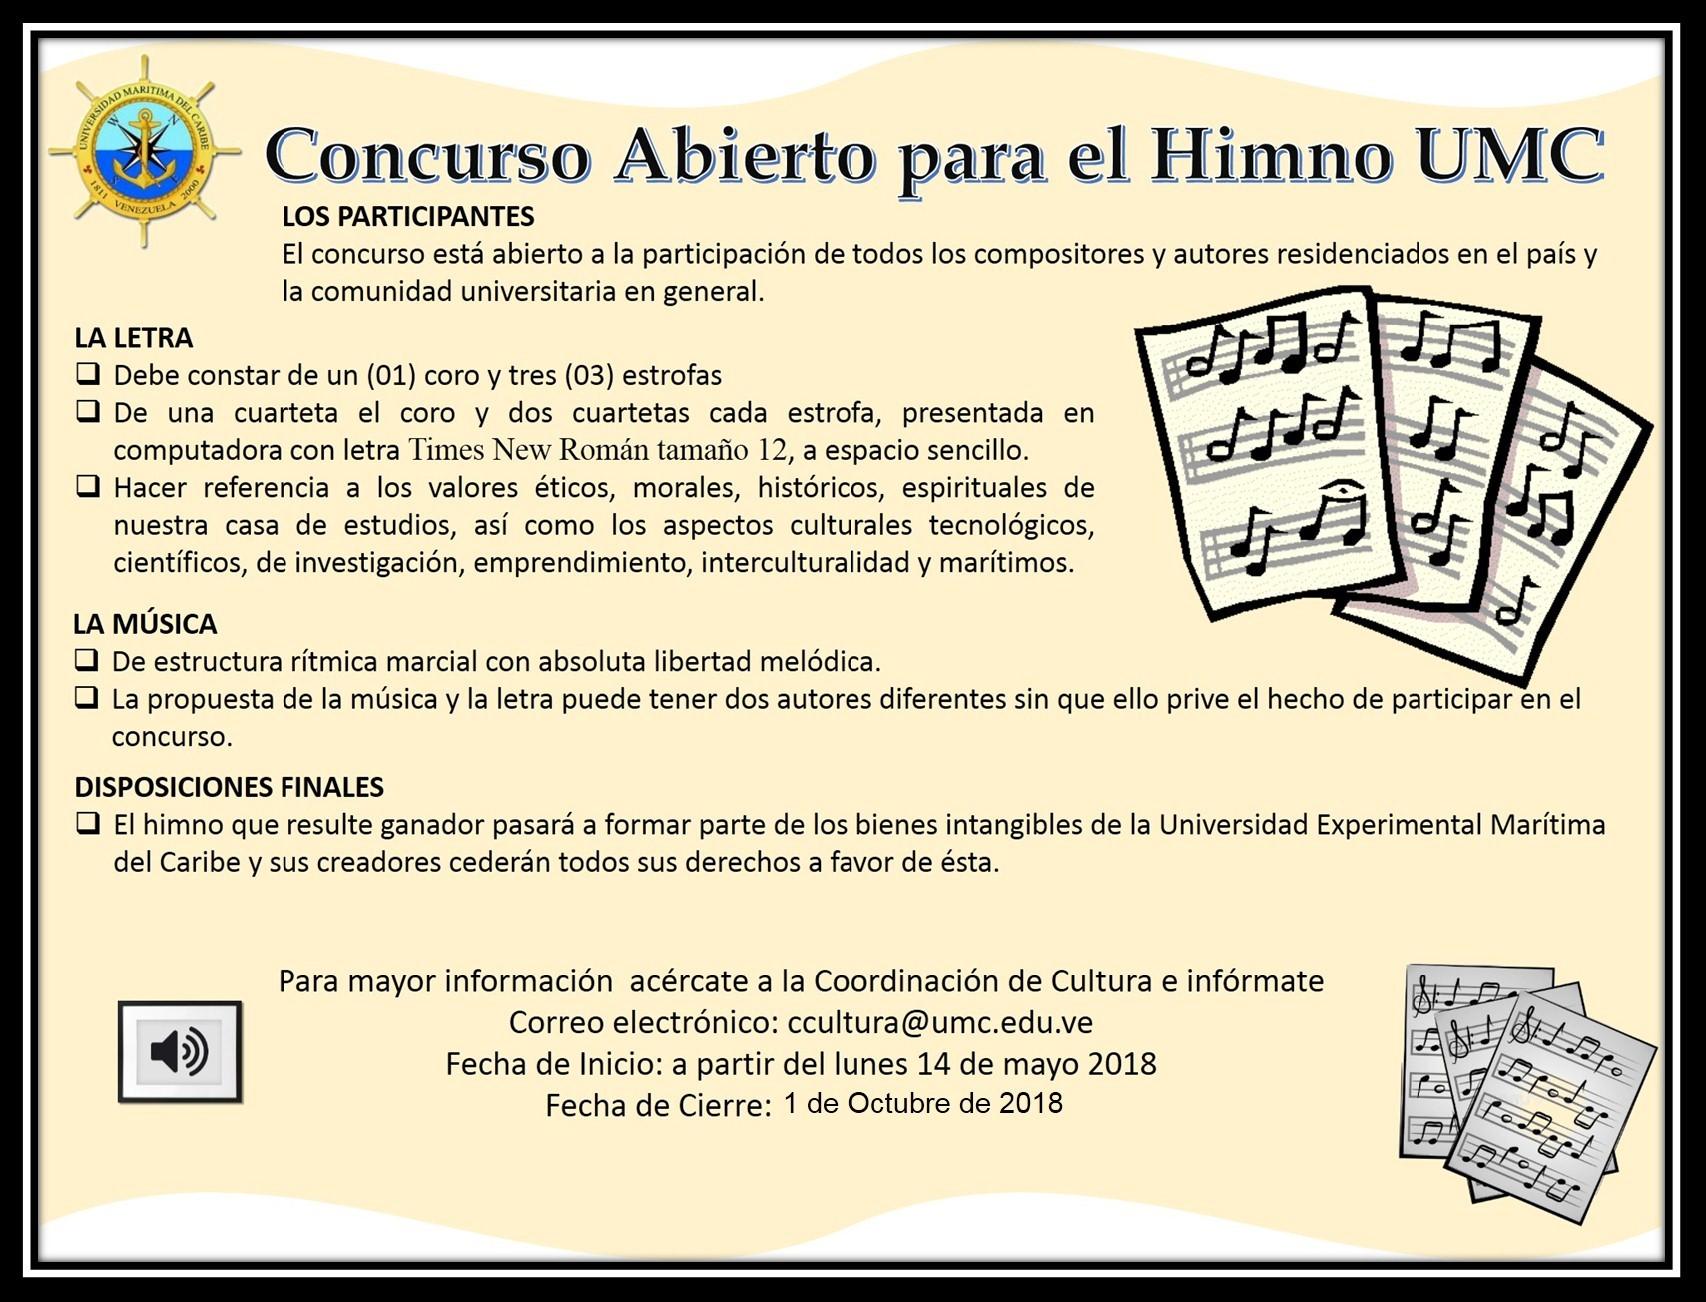 Concurso abierto para himno de la UMC